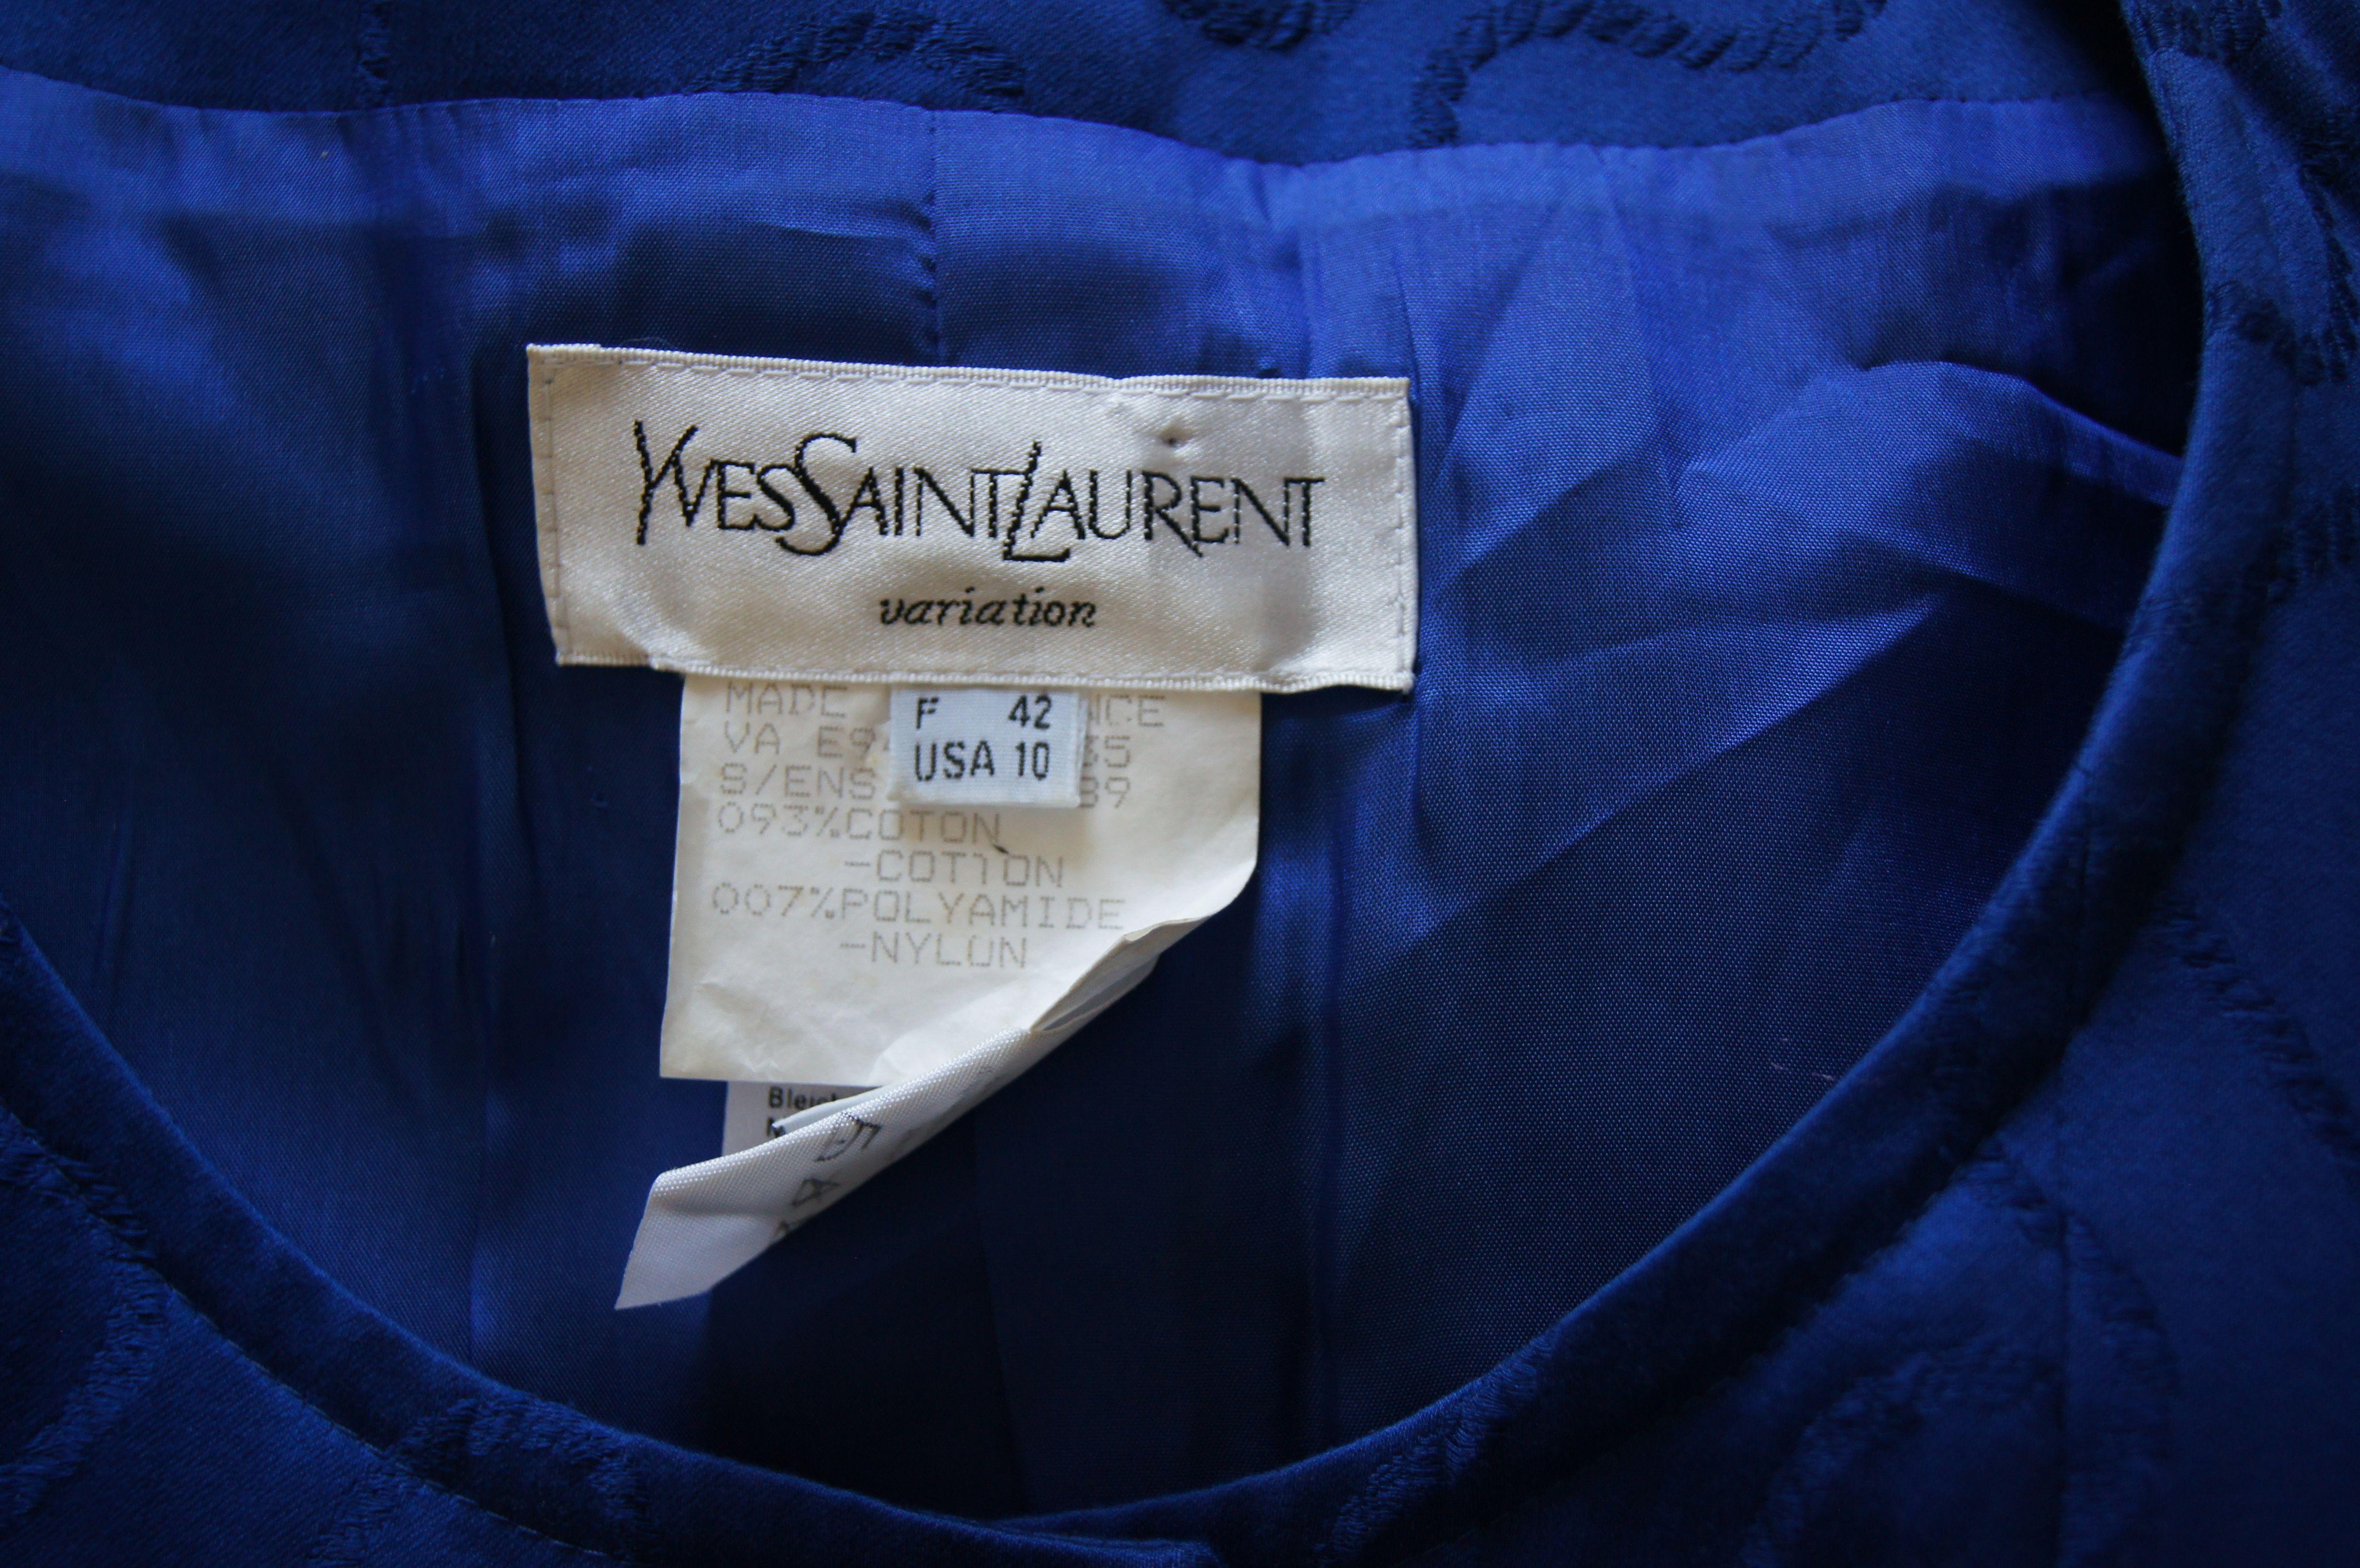 Vestes - Veste Yves Saint Laurent